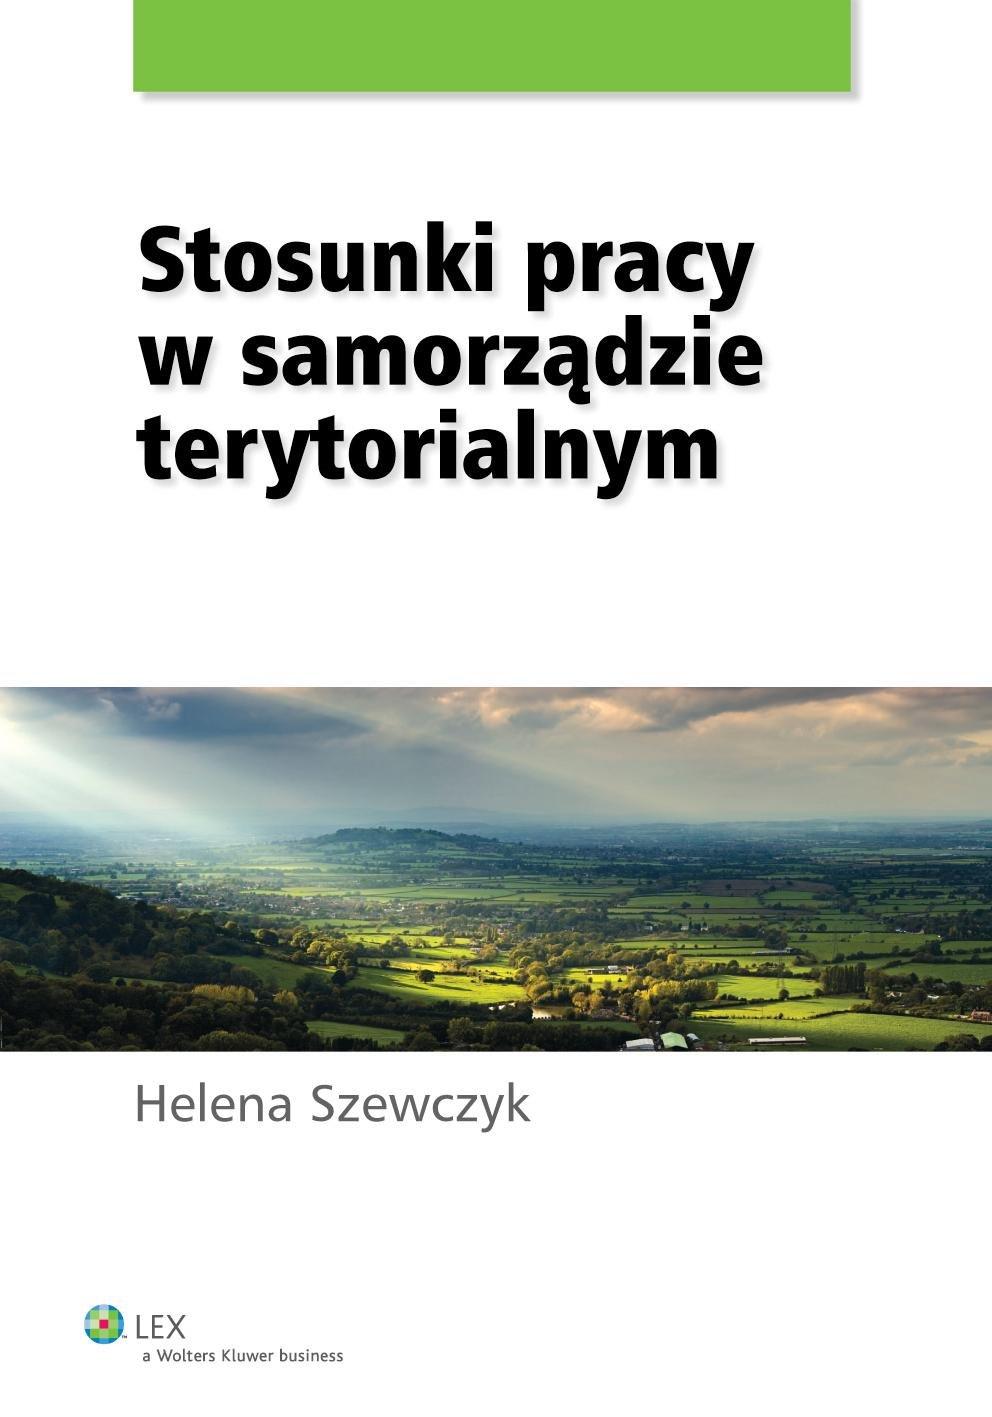 Stosunki pracy w samorządzie terytorialnym - Ebook (Książka PDF) do pobrania w formacie PDF